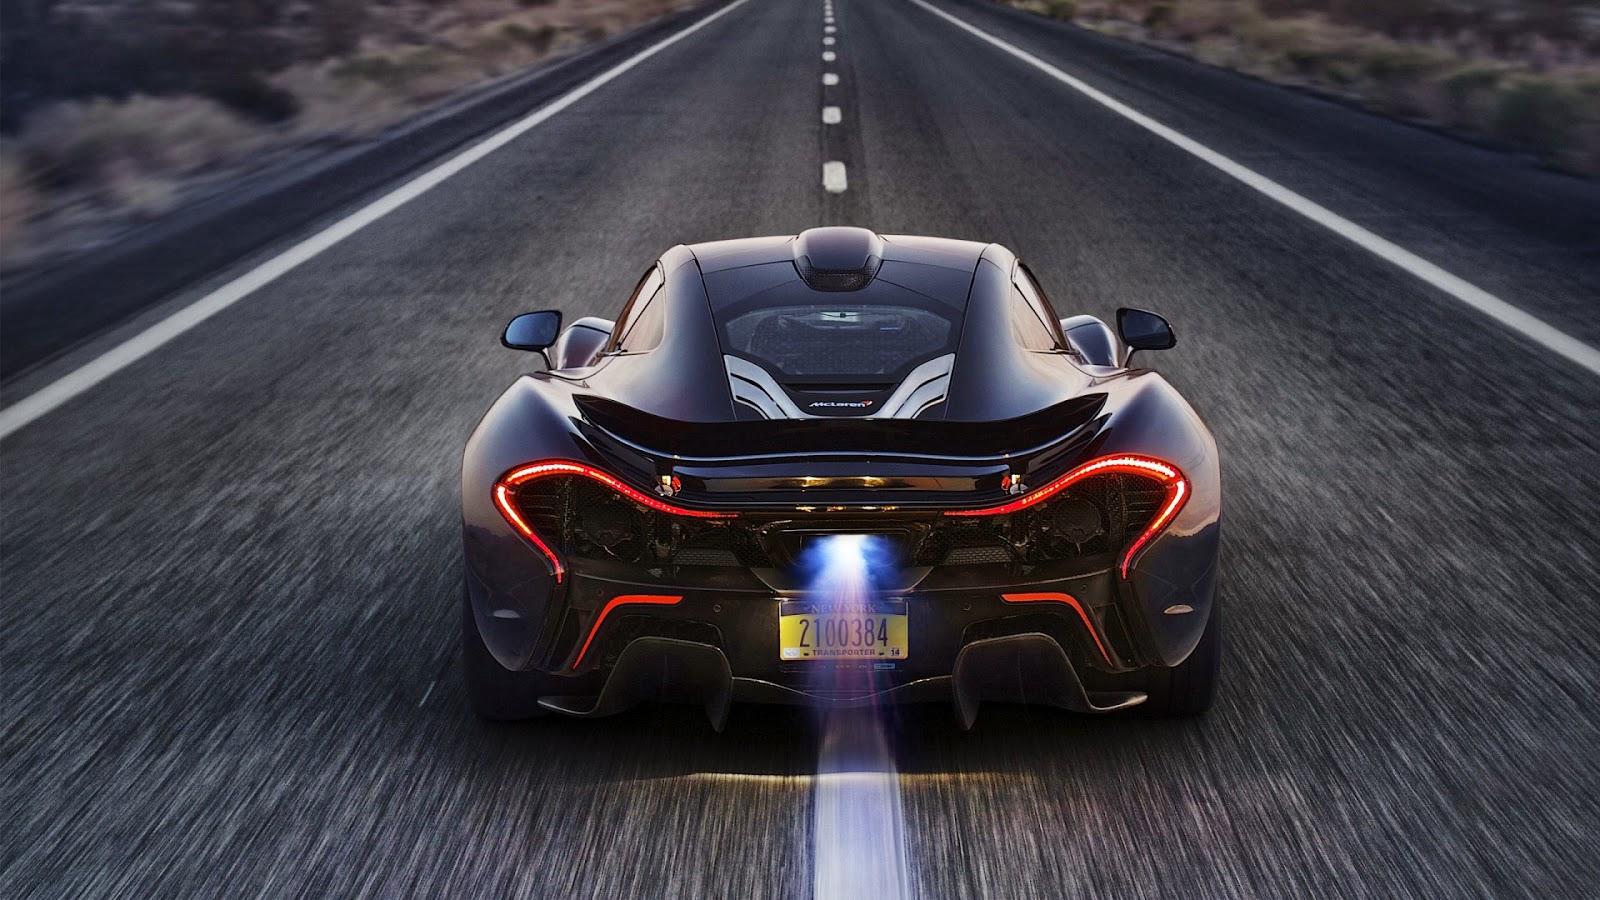 Mobil Sport Mewah: Gambar Mobil Balap, Mobil Sport, Dan Mobil Mewah Yang